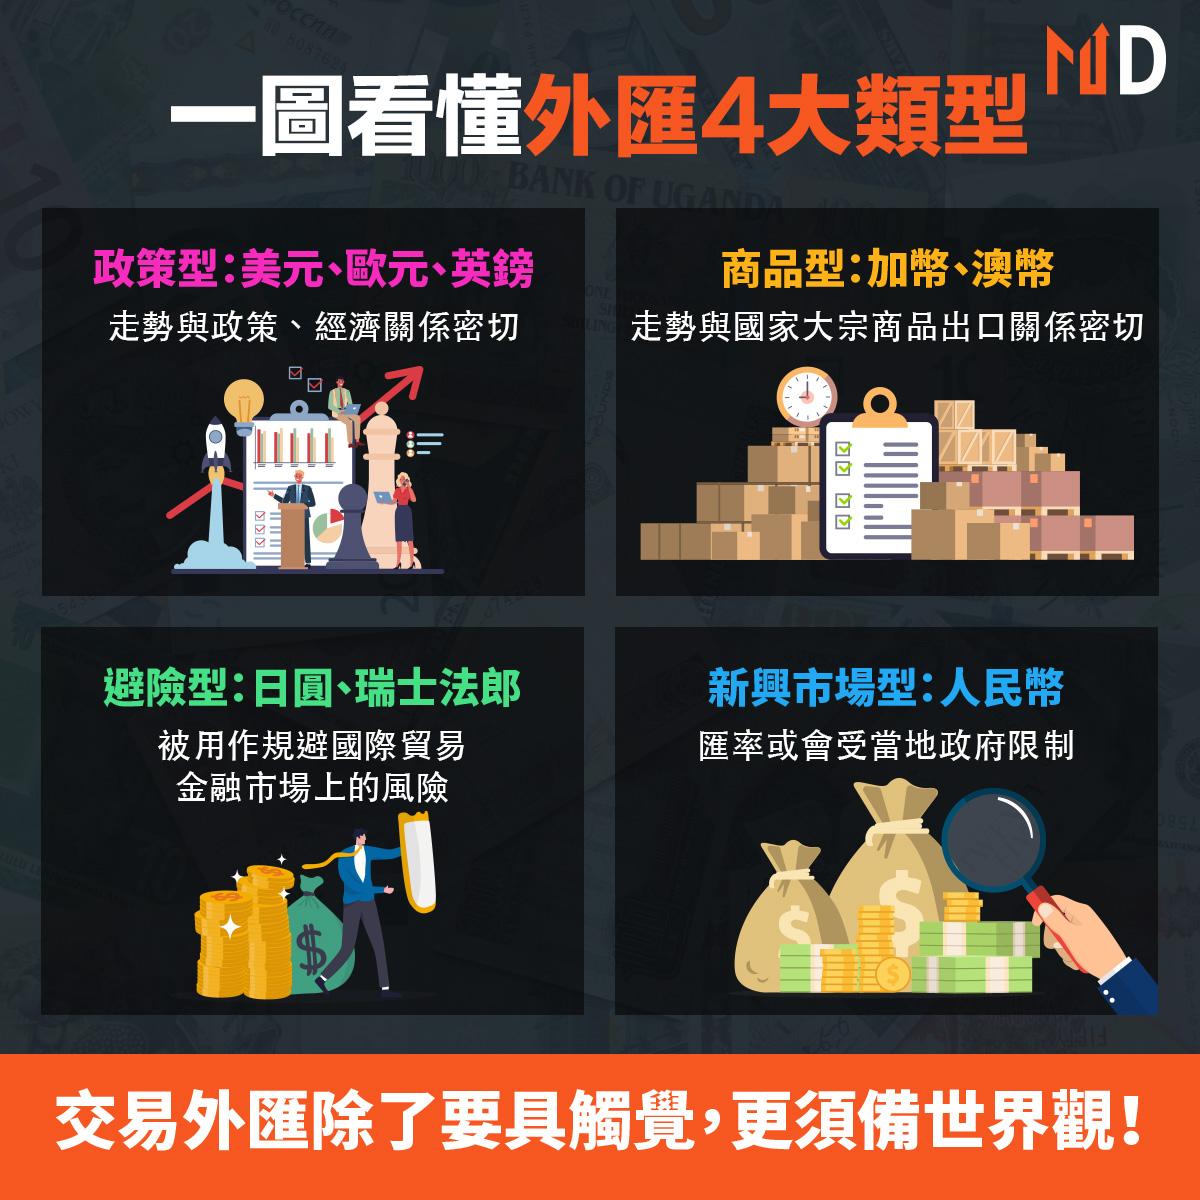 【投資機匯】一圖看懂4大類型貨幣:交易外匯除了要具觸覺,更須備世界觀!